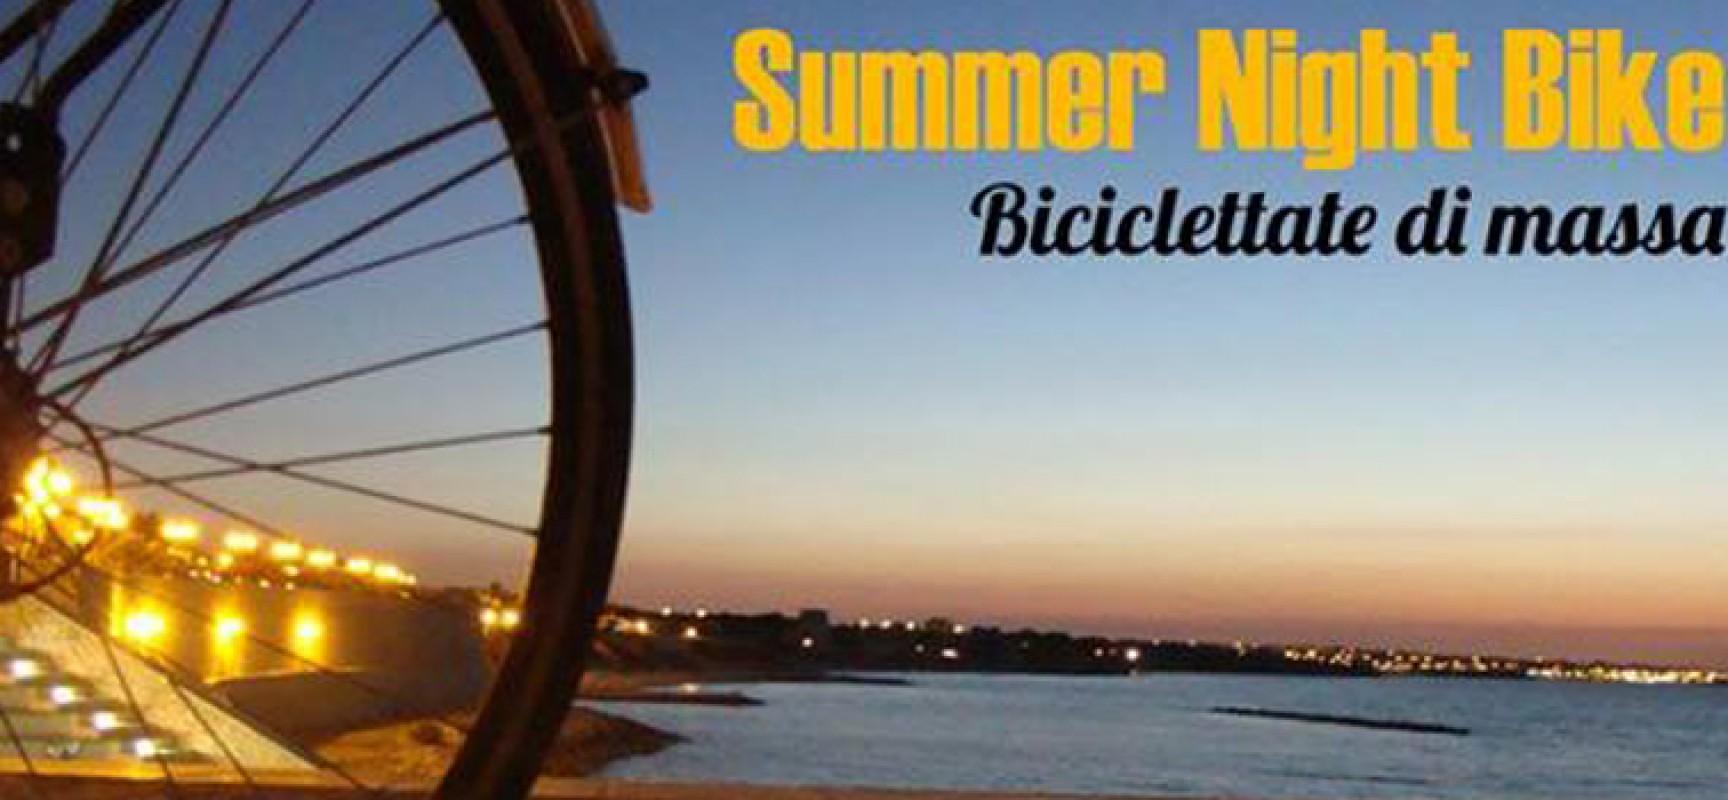 Summer Night Bike, 5 cicloescursioni estive griffate Biciliae Fiab: si parte il 31 luglio